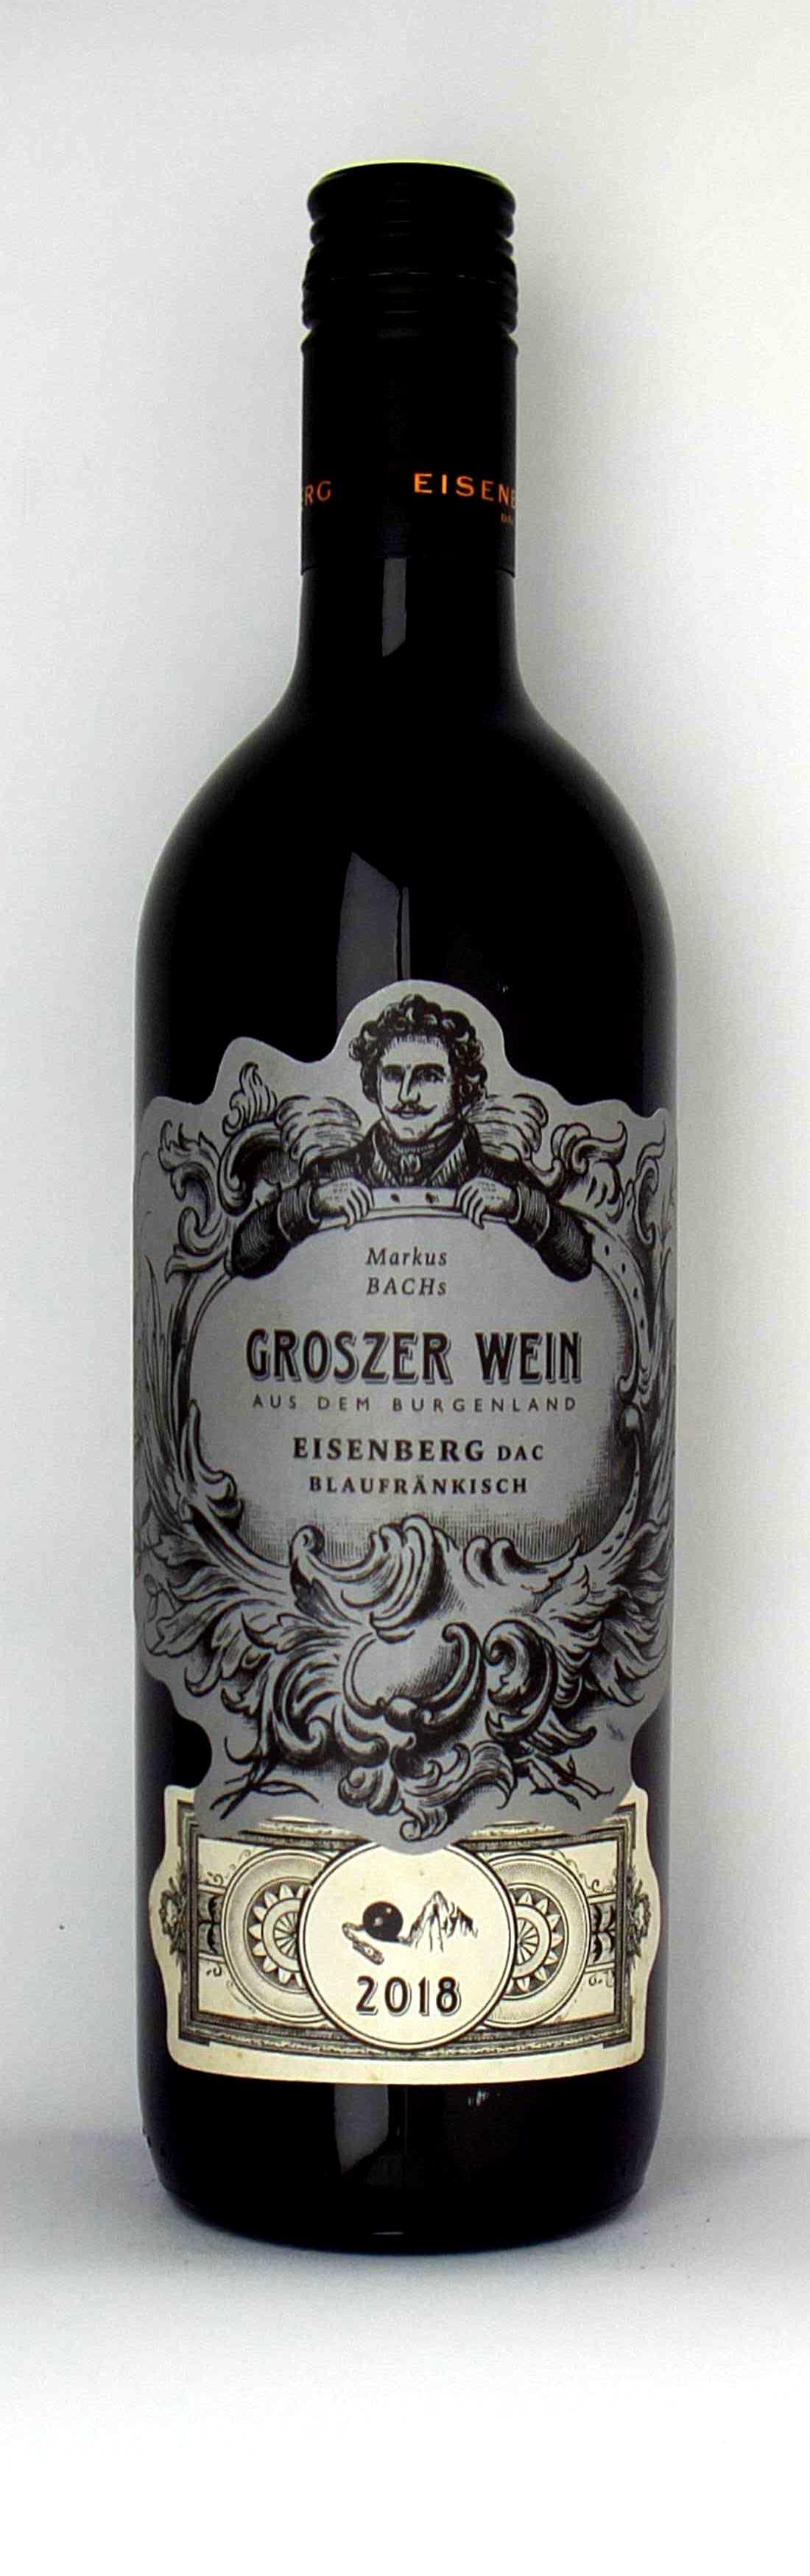 Vinothek Eisenberg Eisenberg DAC 2018 Groszer Wein